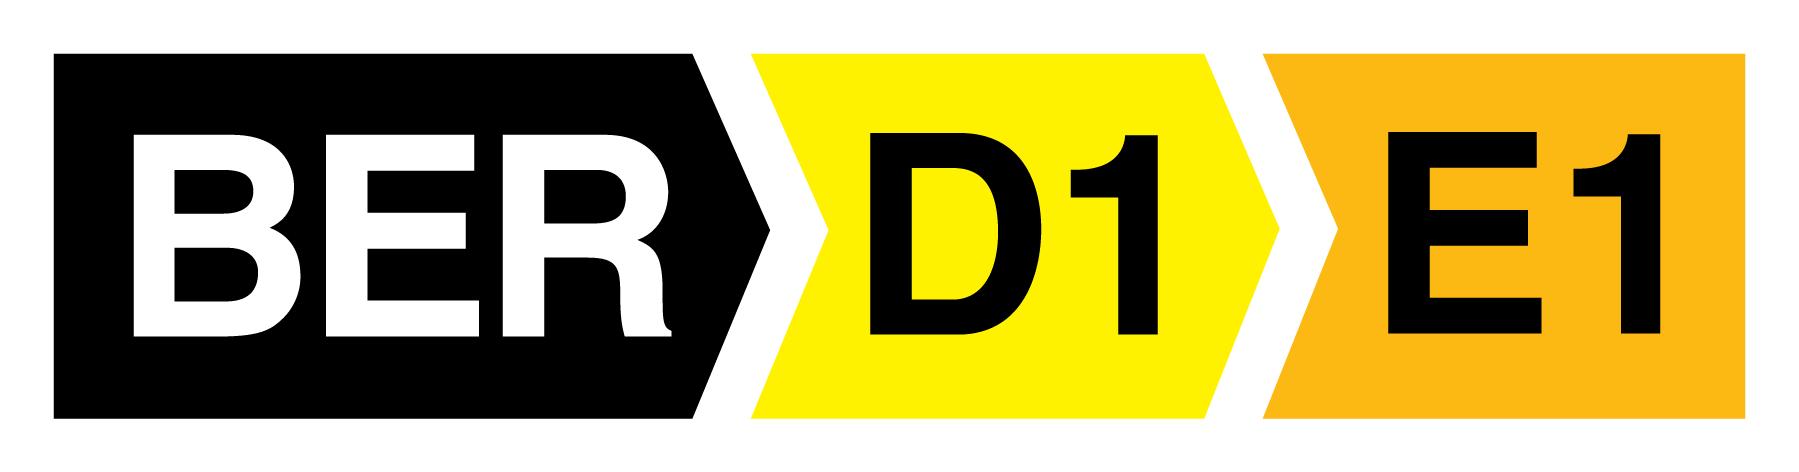 D1 > E1